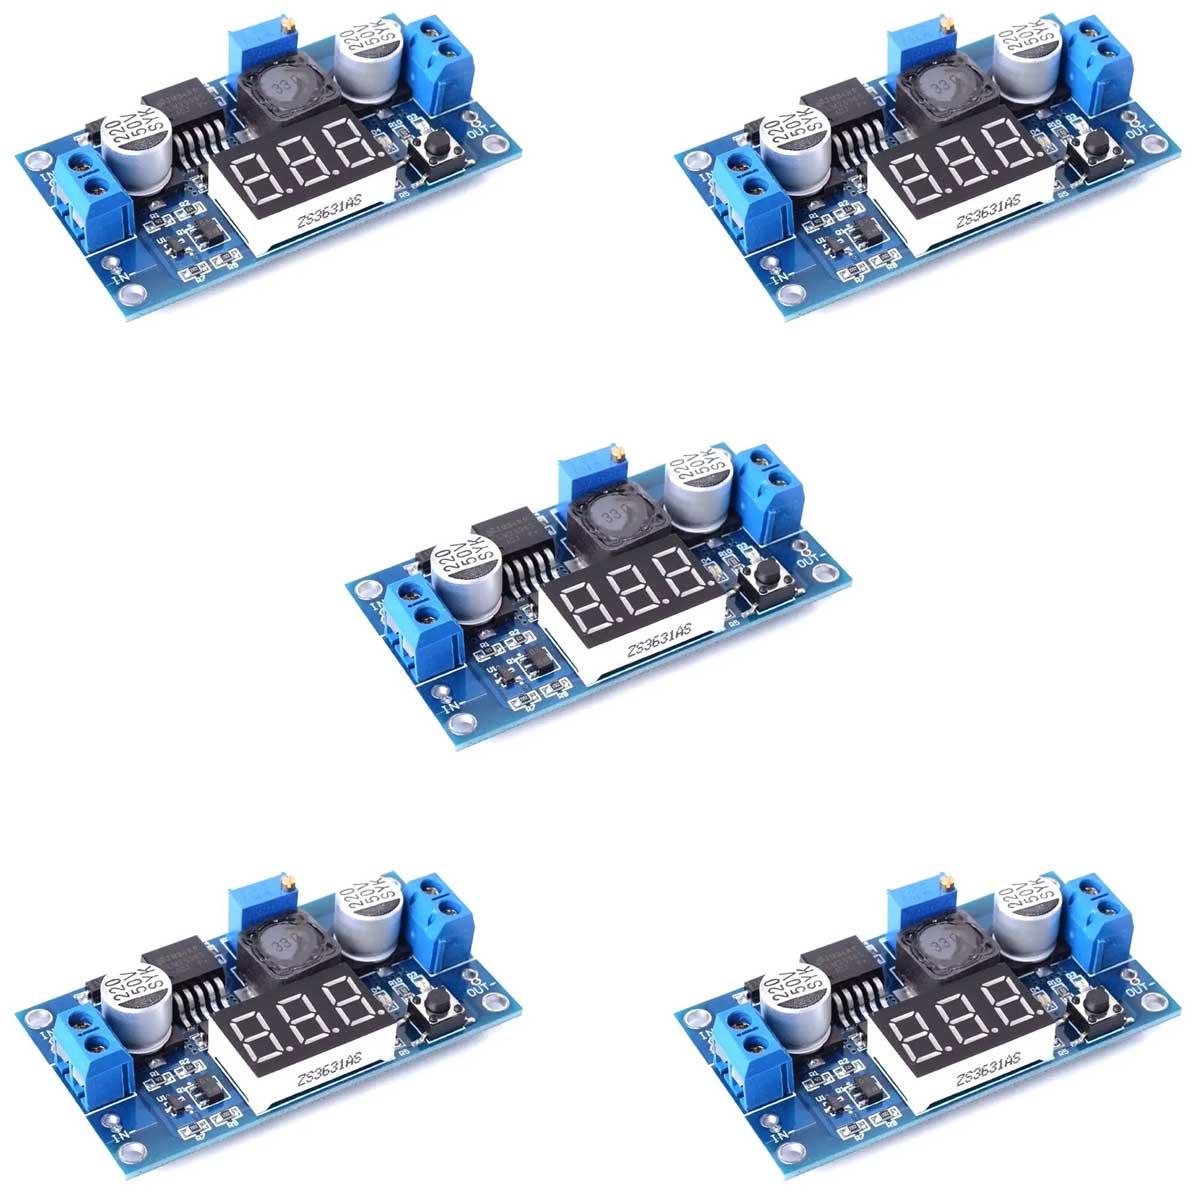 5x Regulador de Tensão Step Down Ajustável LM2596 DC-DC com Display